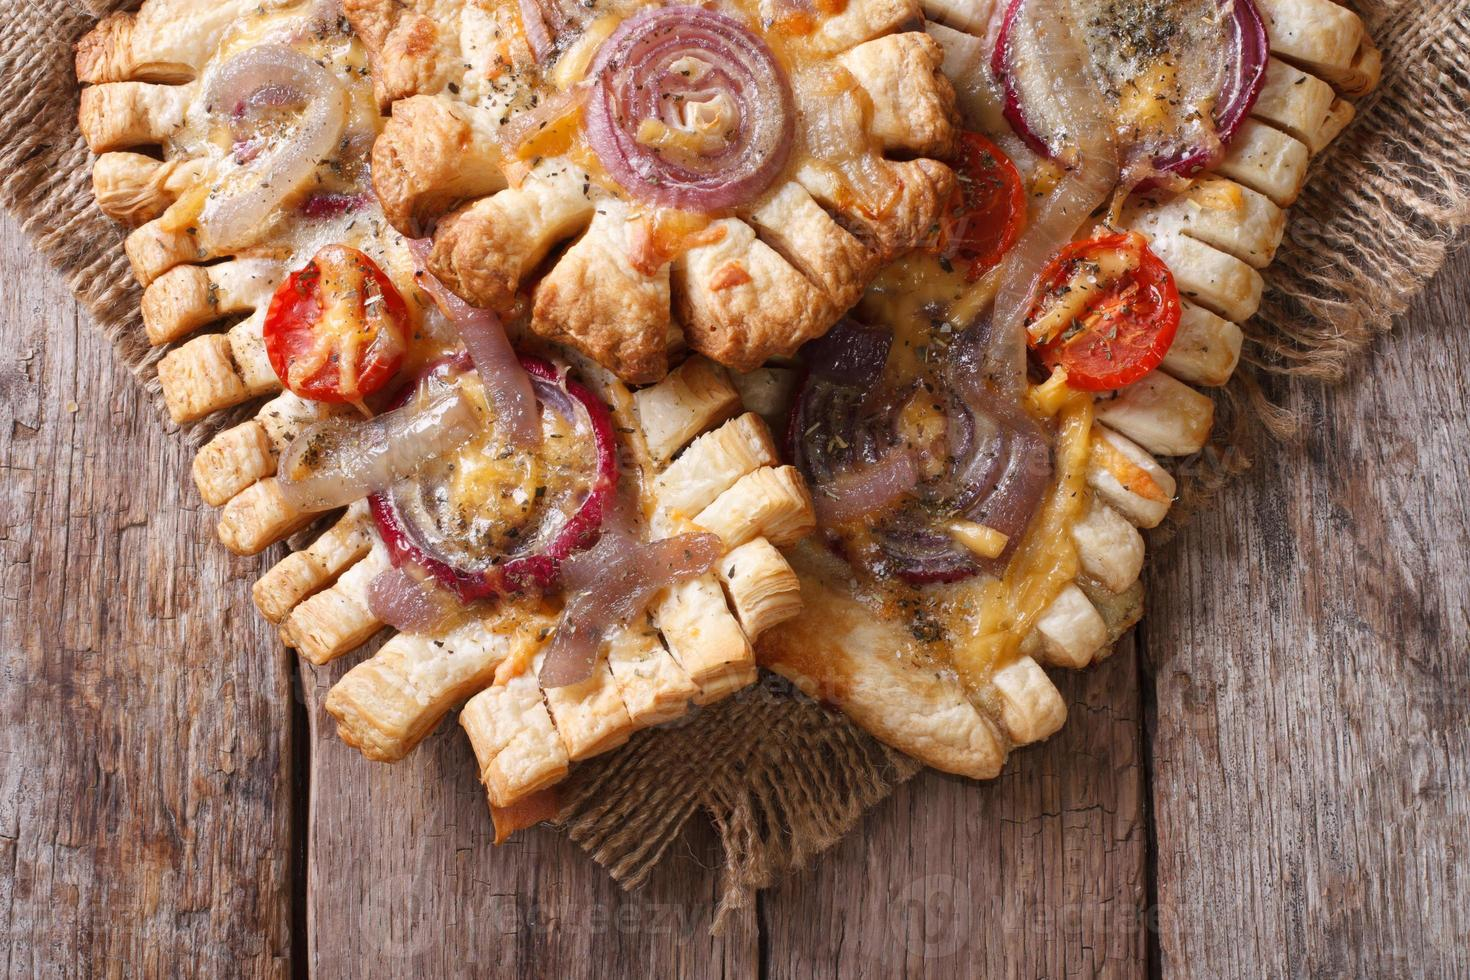 tortas com cebola vermelha e tomate horizontal vista superior closeup foto